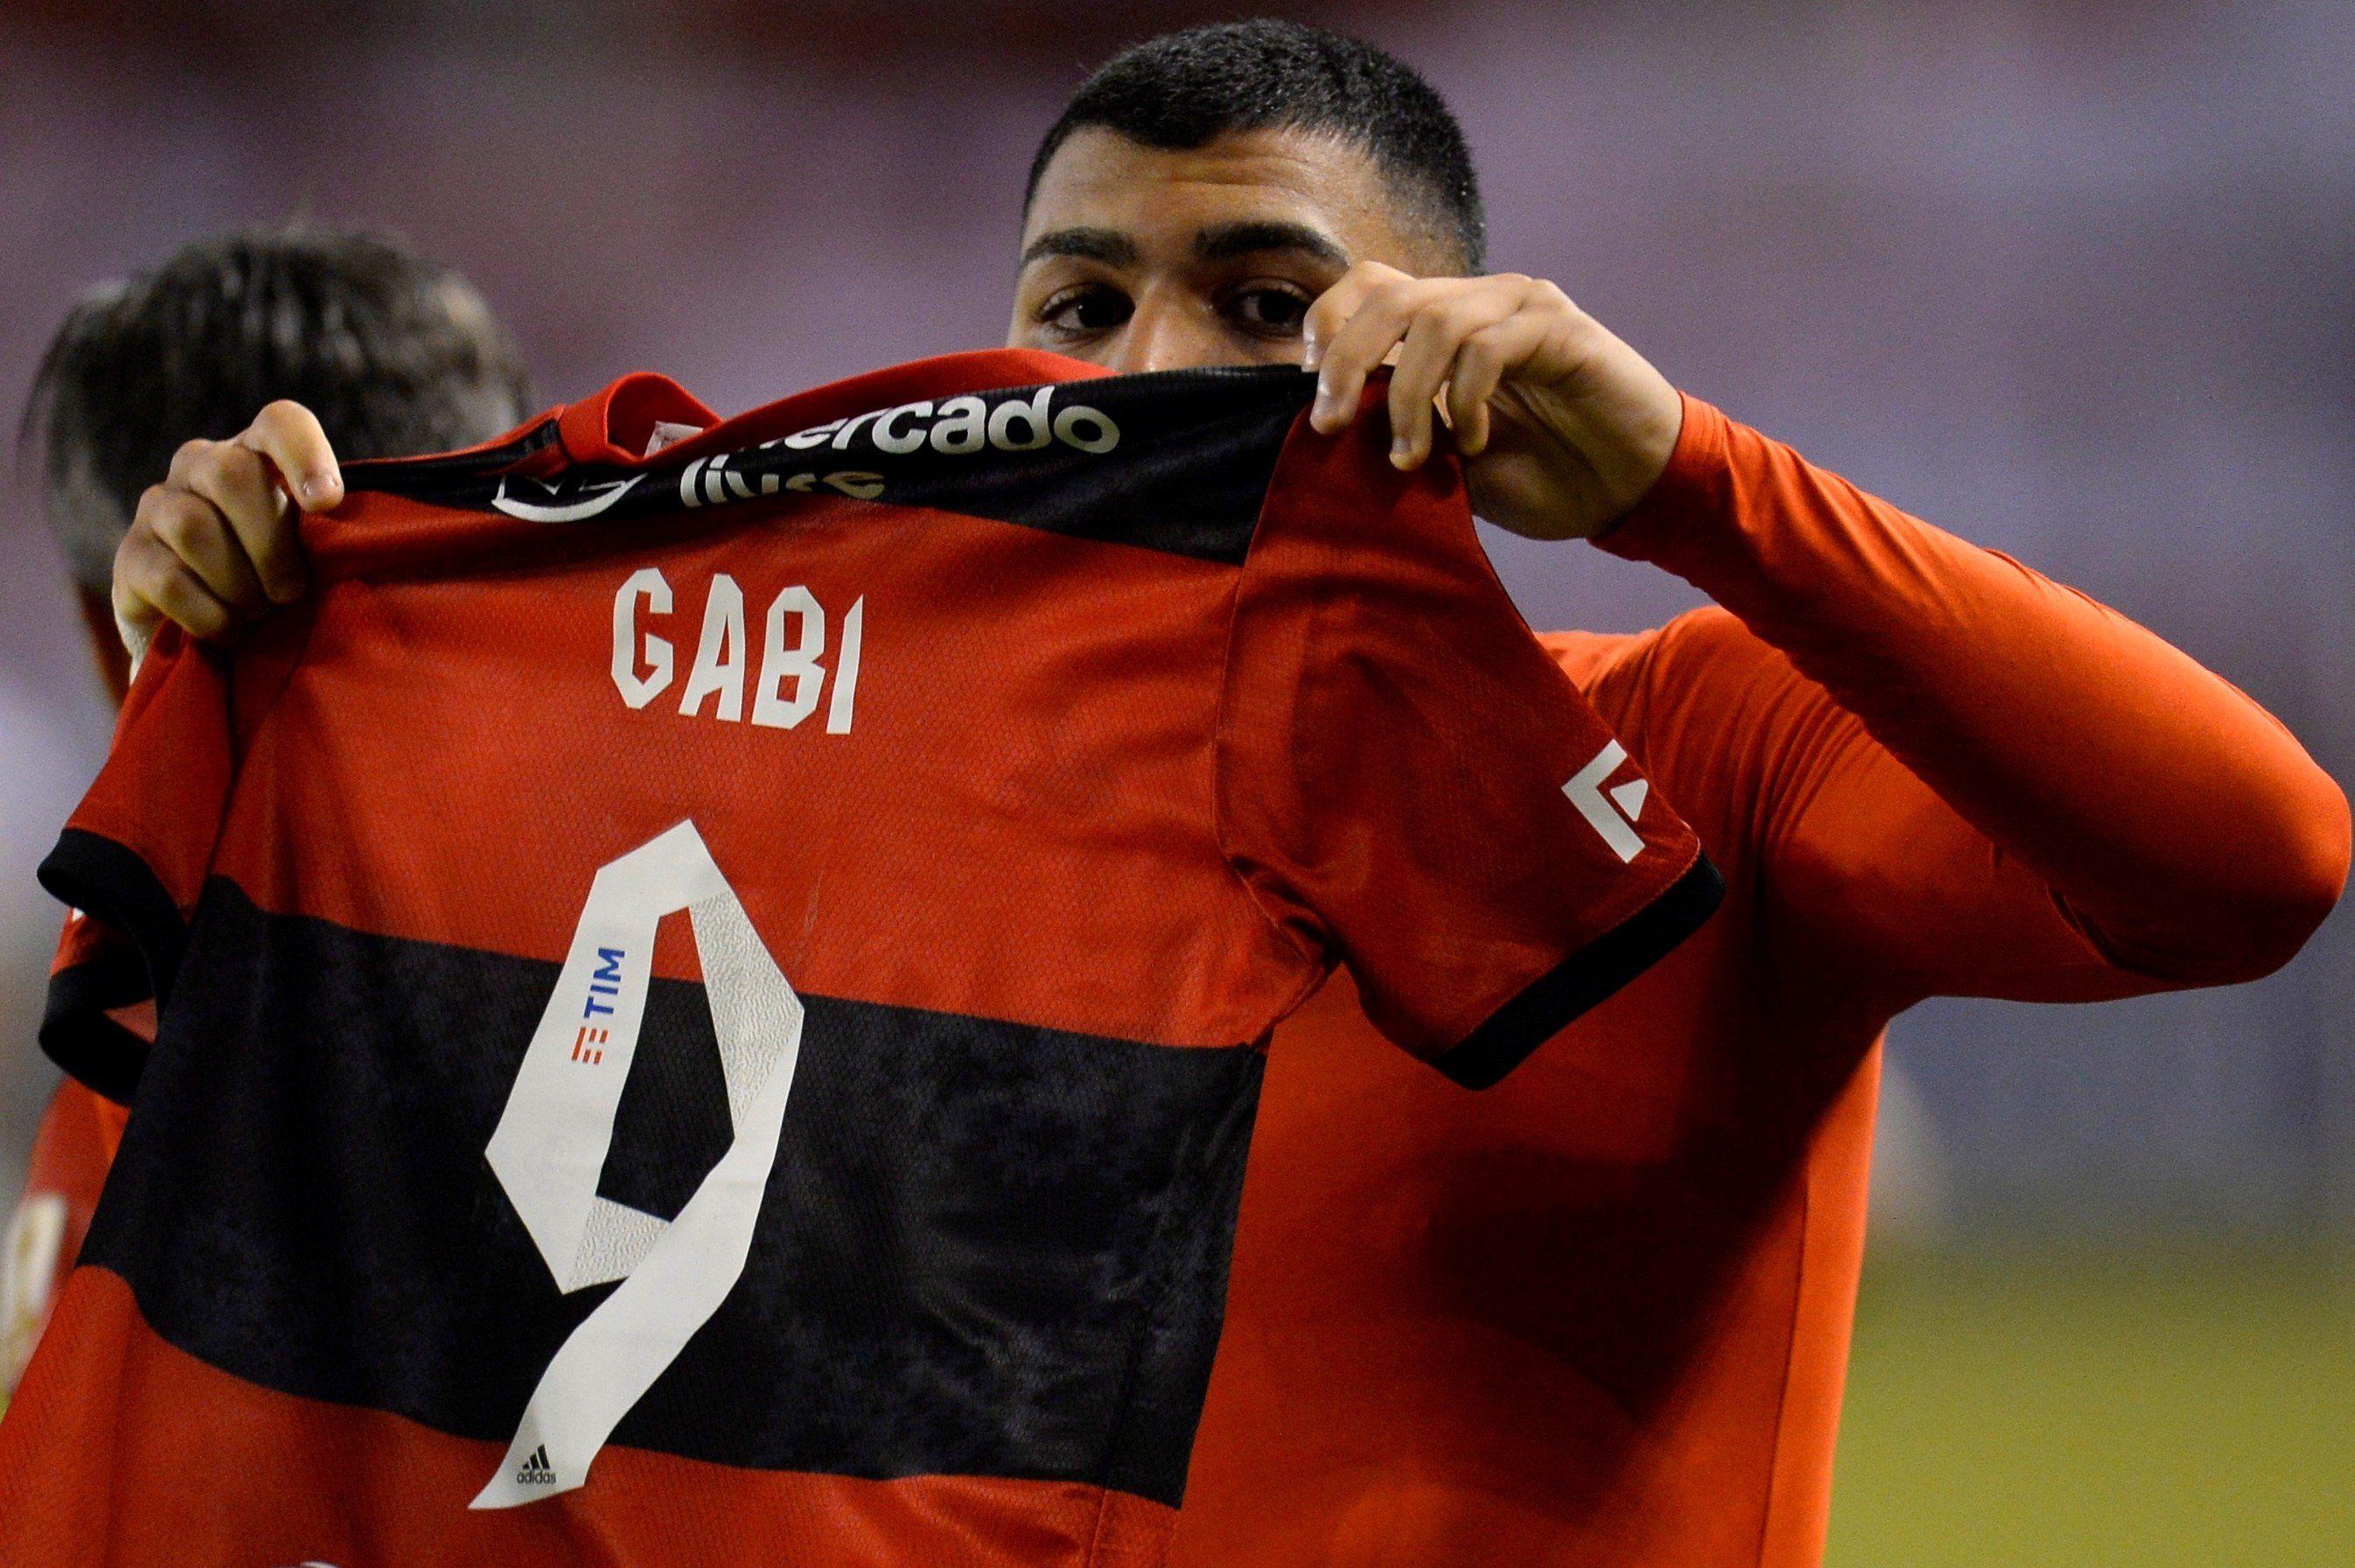 Gabriel Barbosa, del Flamengo de Brasil, fue registrado este martes al celebrar el segundo gol que le convirtió a la Liga Deportiva Universitaria de Ecuador, durante un partido del grupo G de la Copa Libertadores, en Quito (Ecuador). EFE/Rodrigo Buendía/Pool